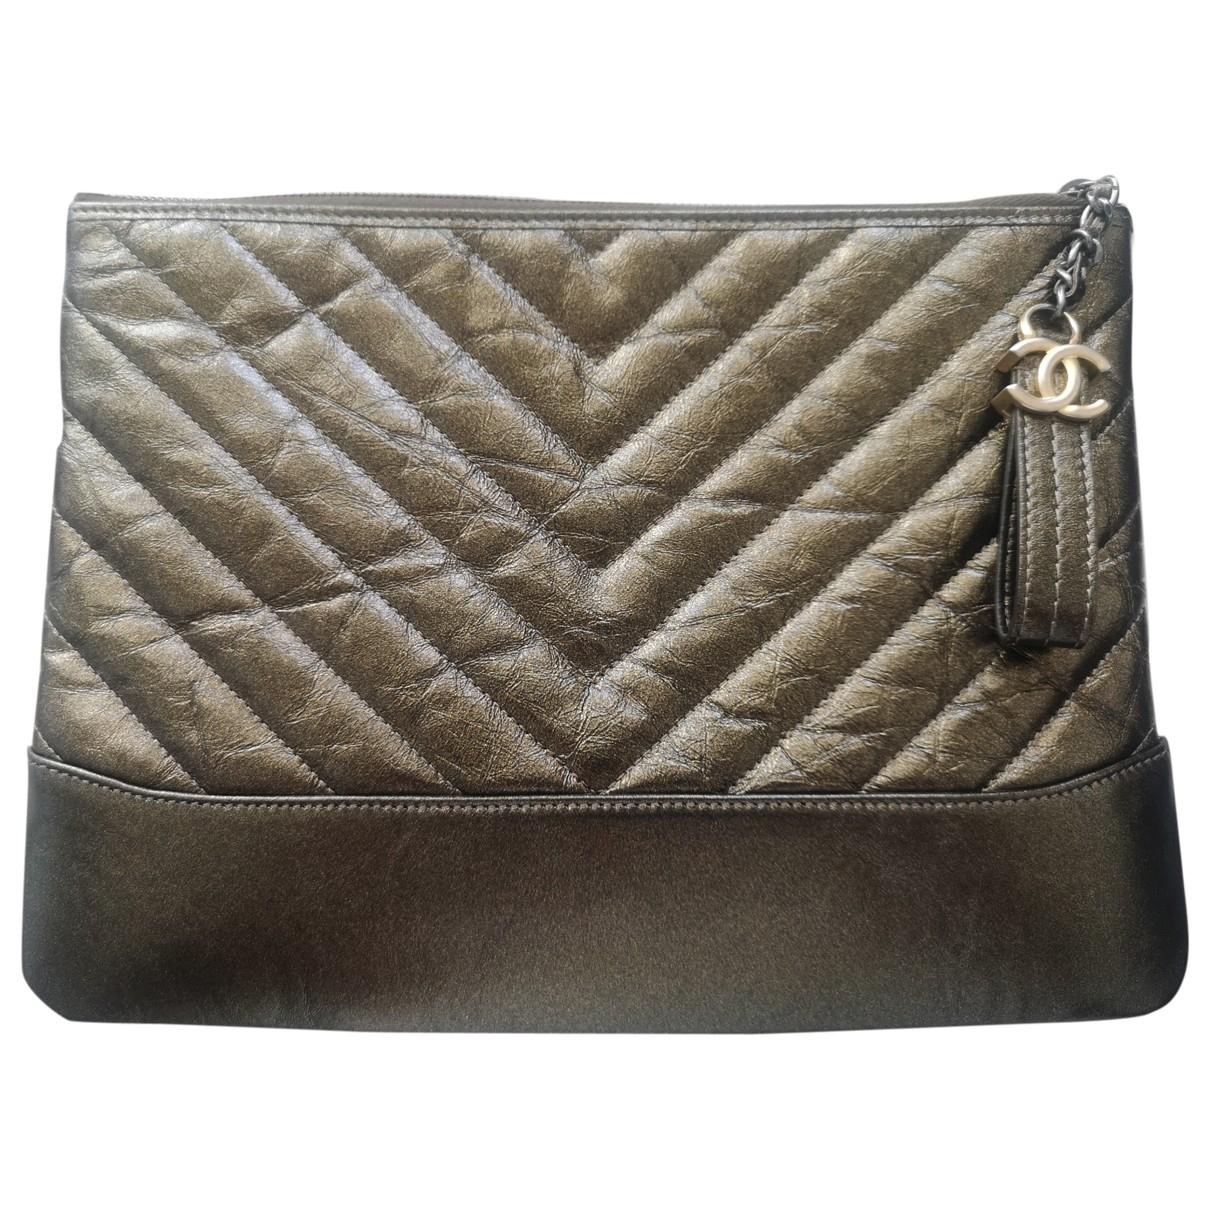 Chanel - Pochette Gabrielle pour femme en cuir - metallise